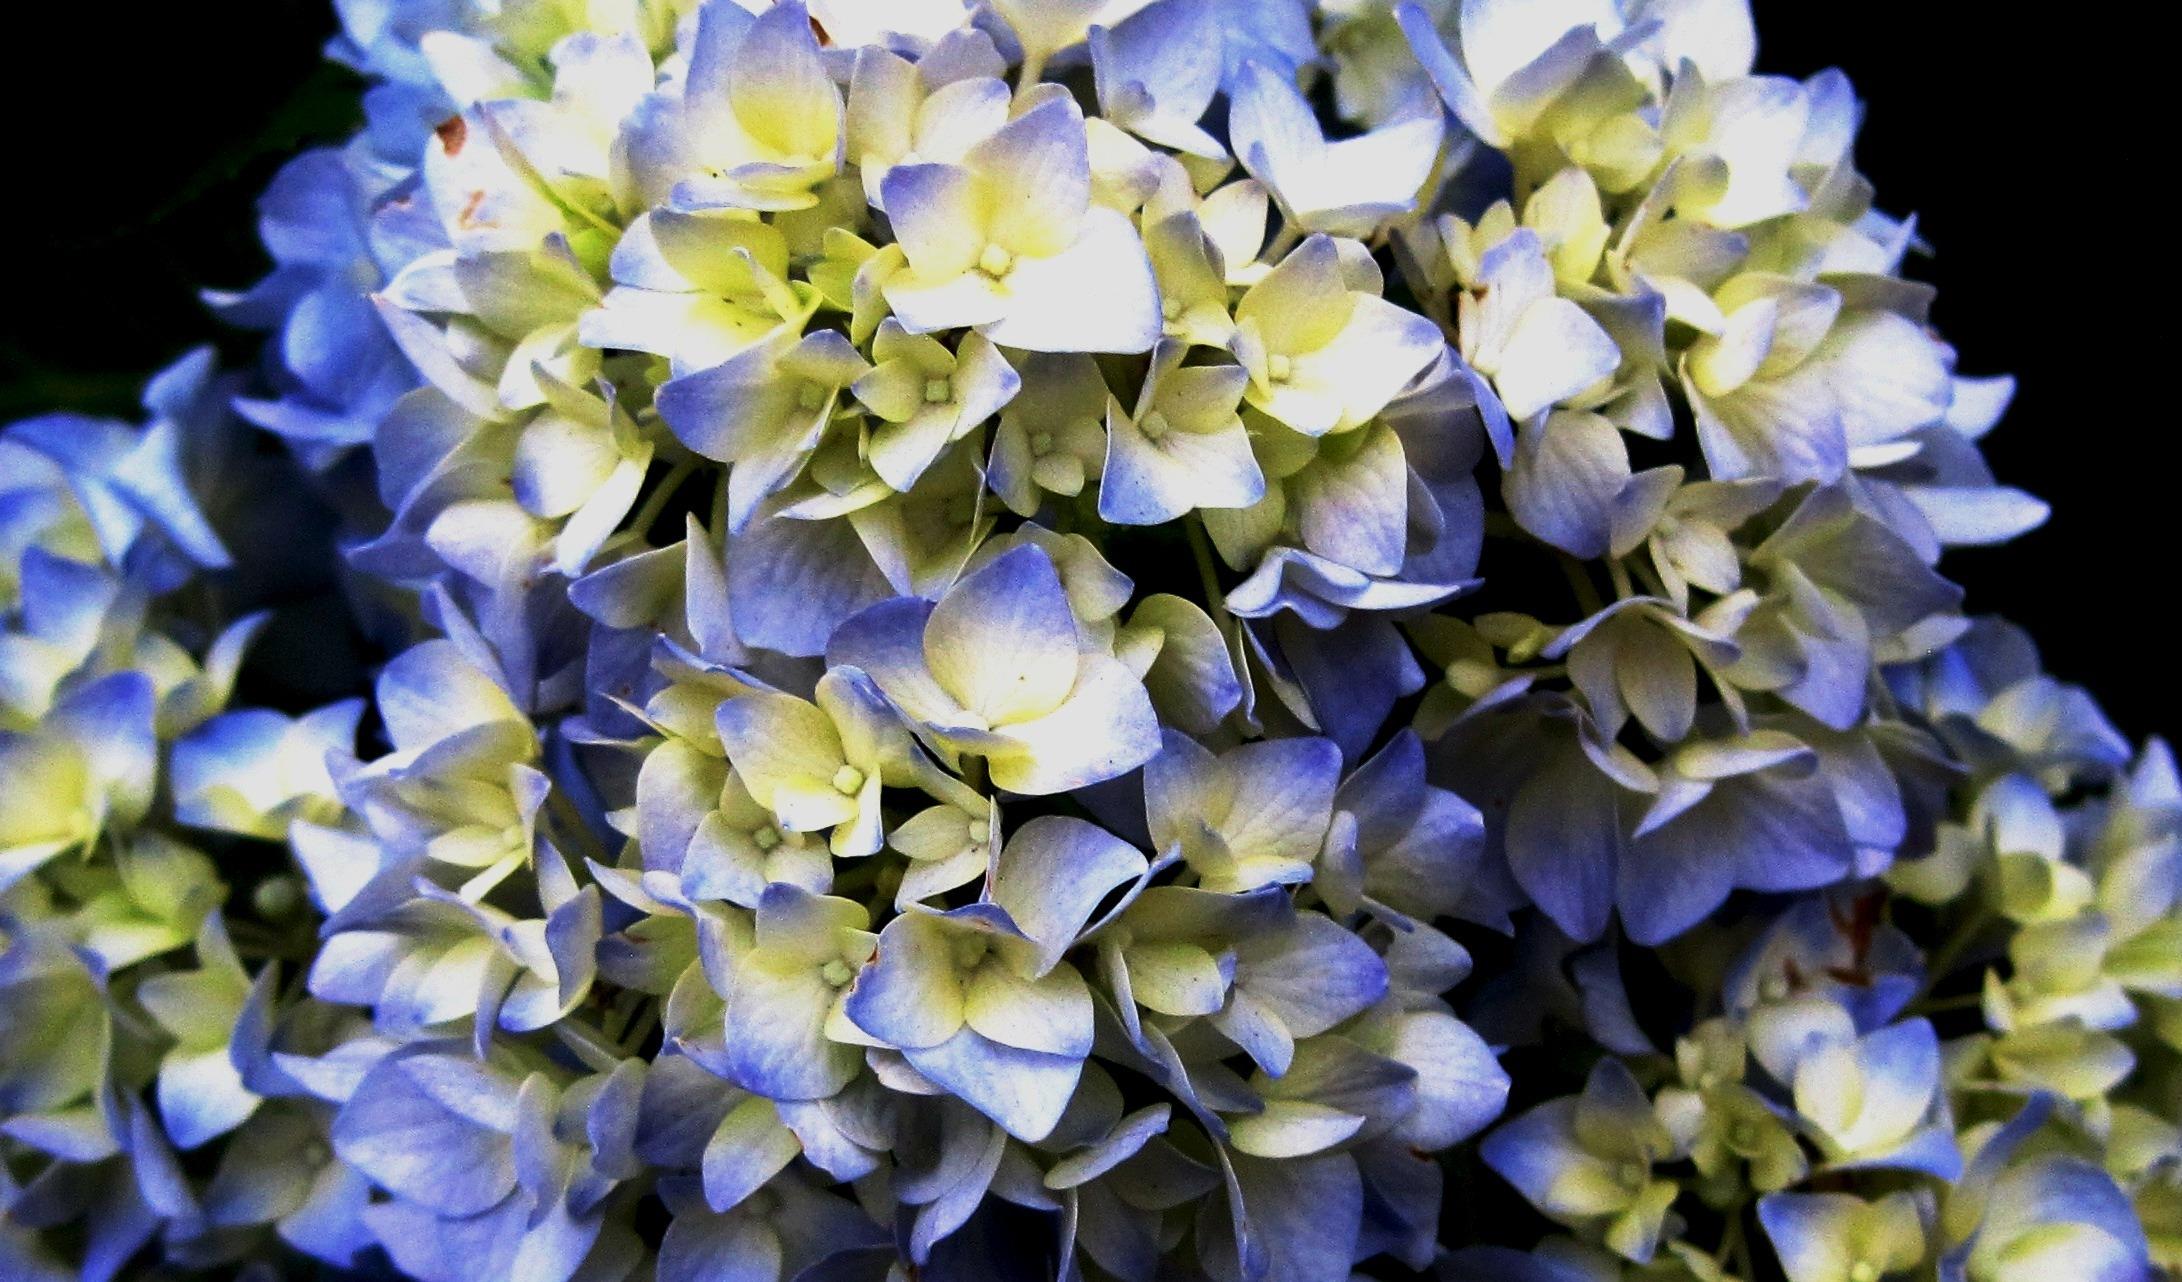 Kostenlose foto : blühen, Weiß, Blume, Blütenblatt, blau, Flora ...